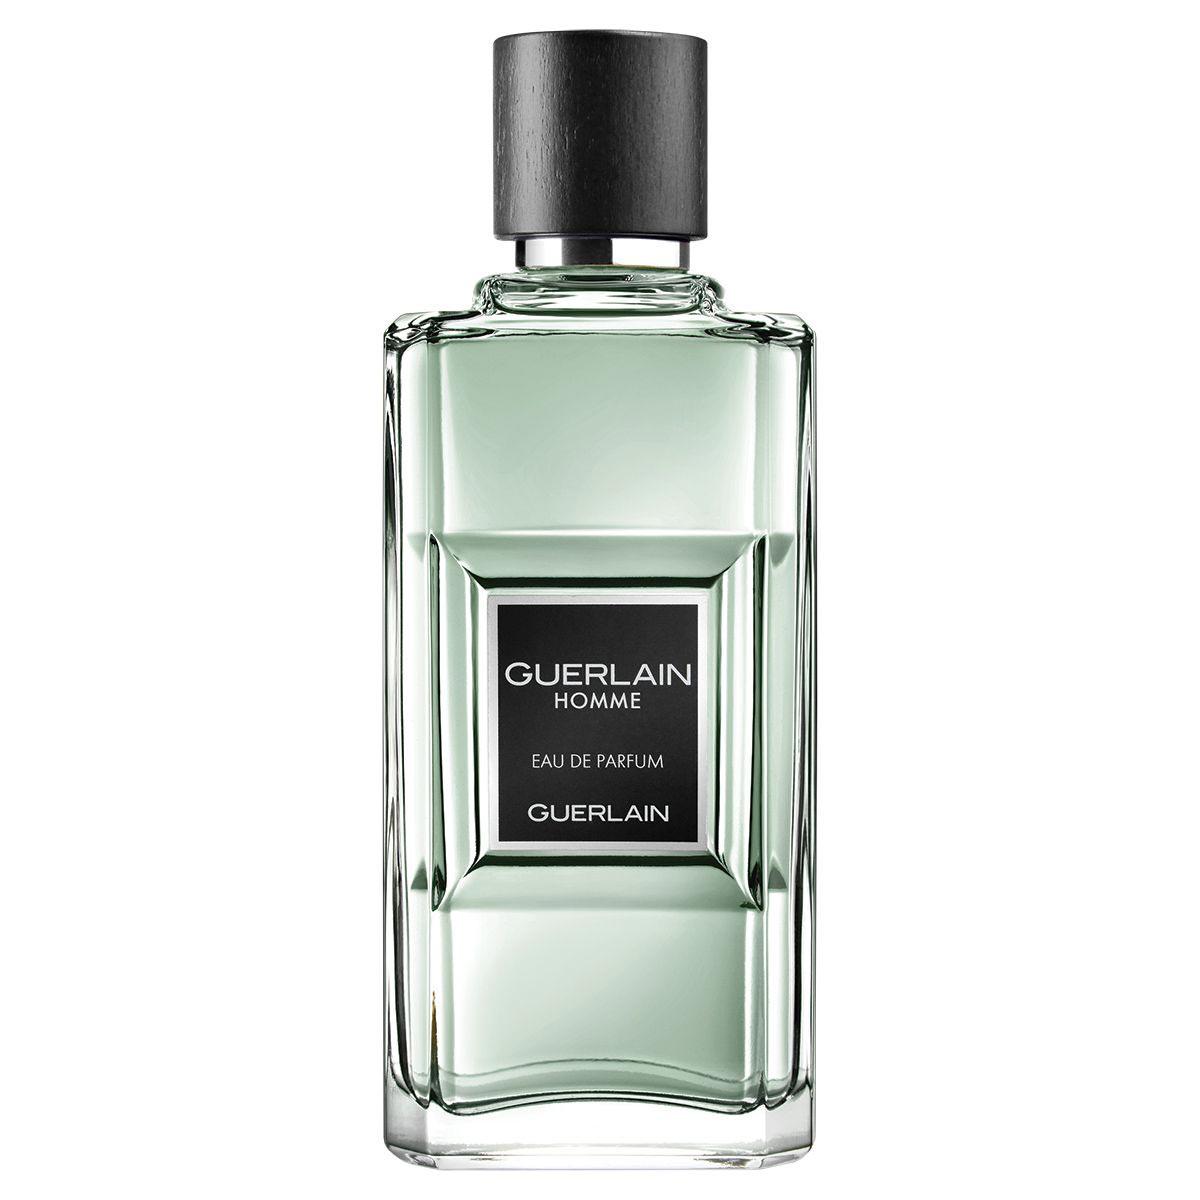 Guerlain - Guerlain Homme - Eau de Parfum